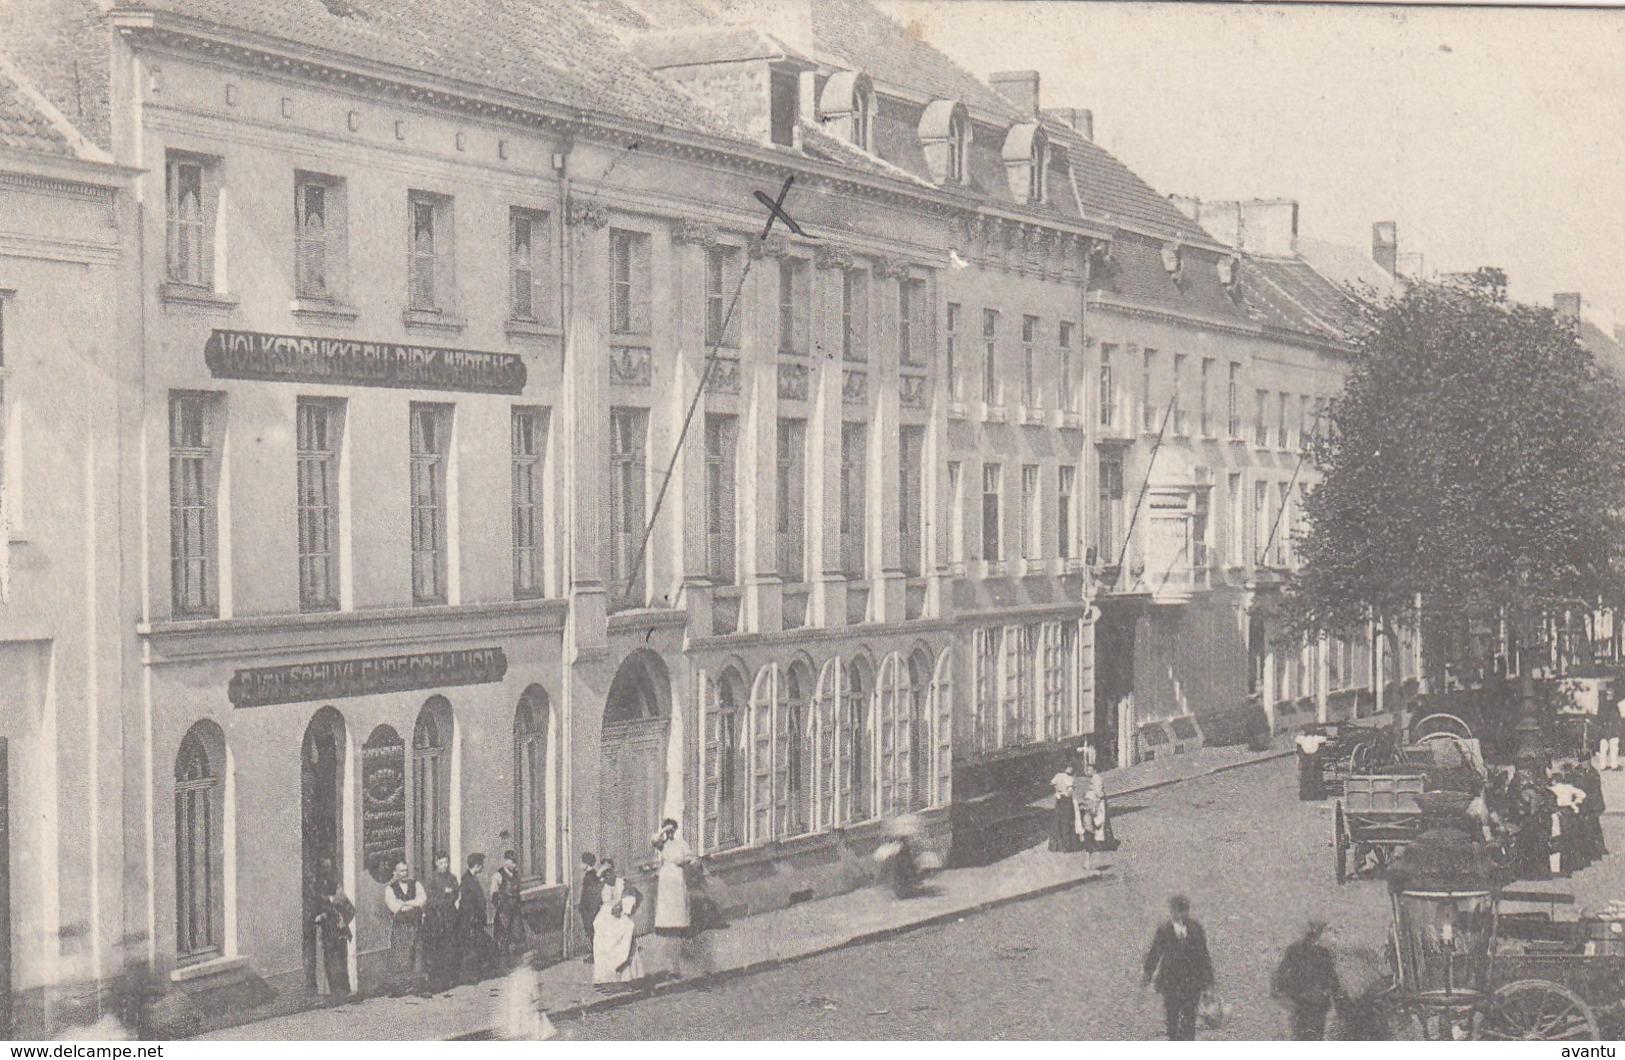 AALST / VOLKSDRUKKERIJ DIRK MARTENS / STRAATBEELD   / ATTELAGES 1912 - Aalst